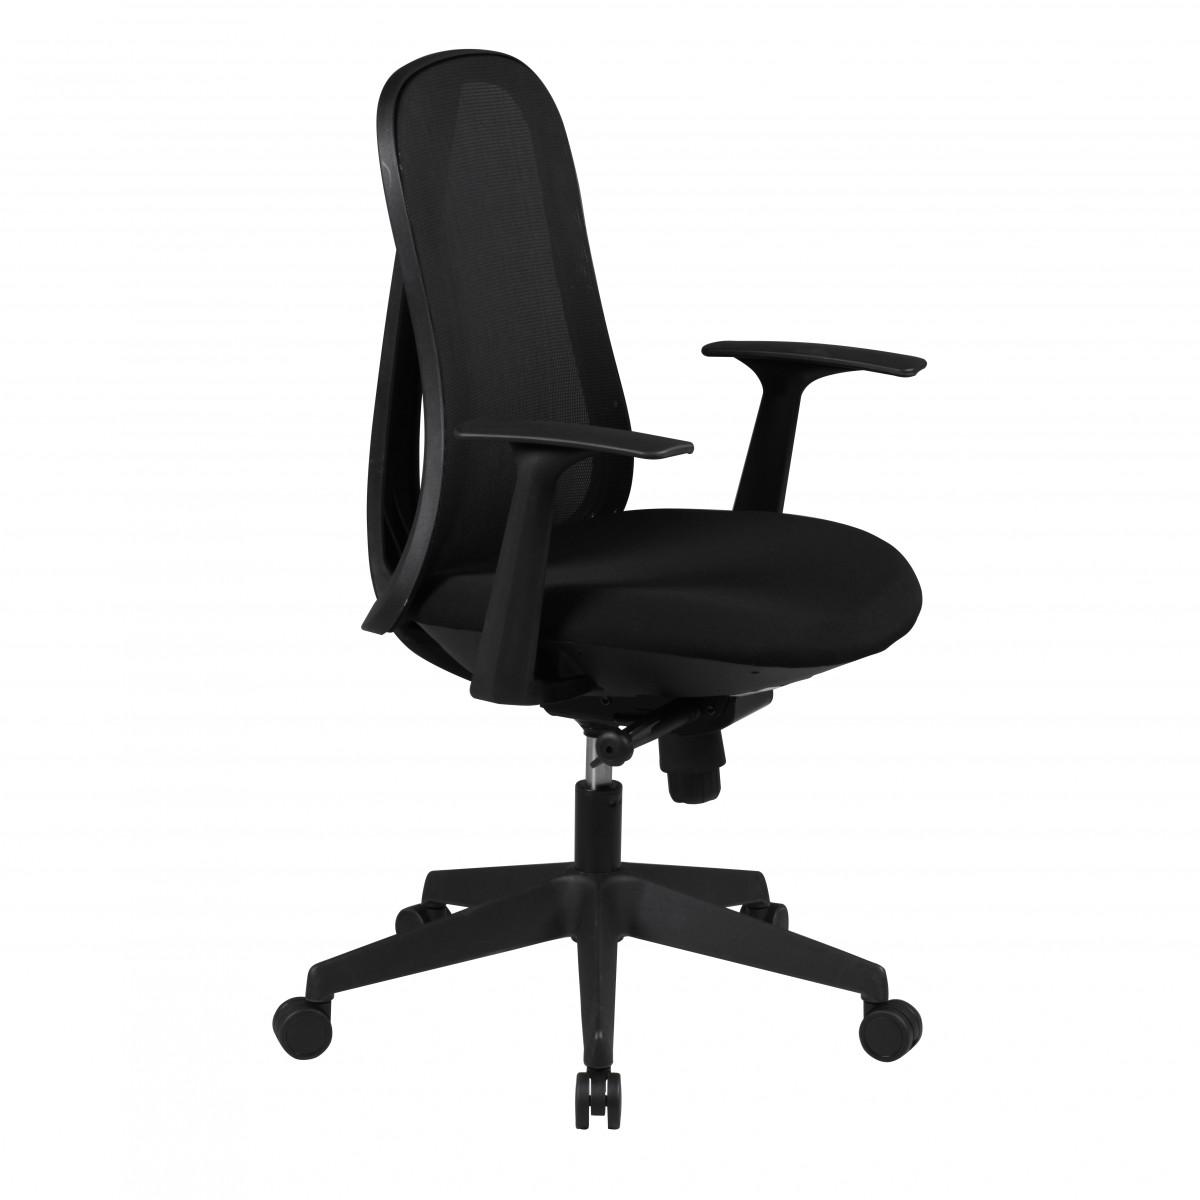 Finebuy silla de oficina cool mecanismo sincronizado silla for Silla escritorio diseno